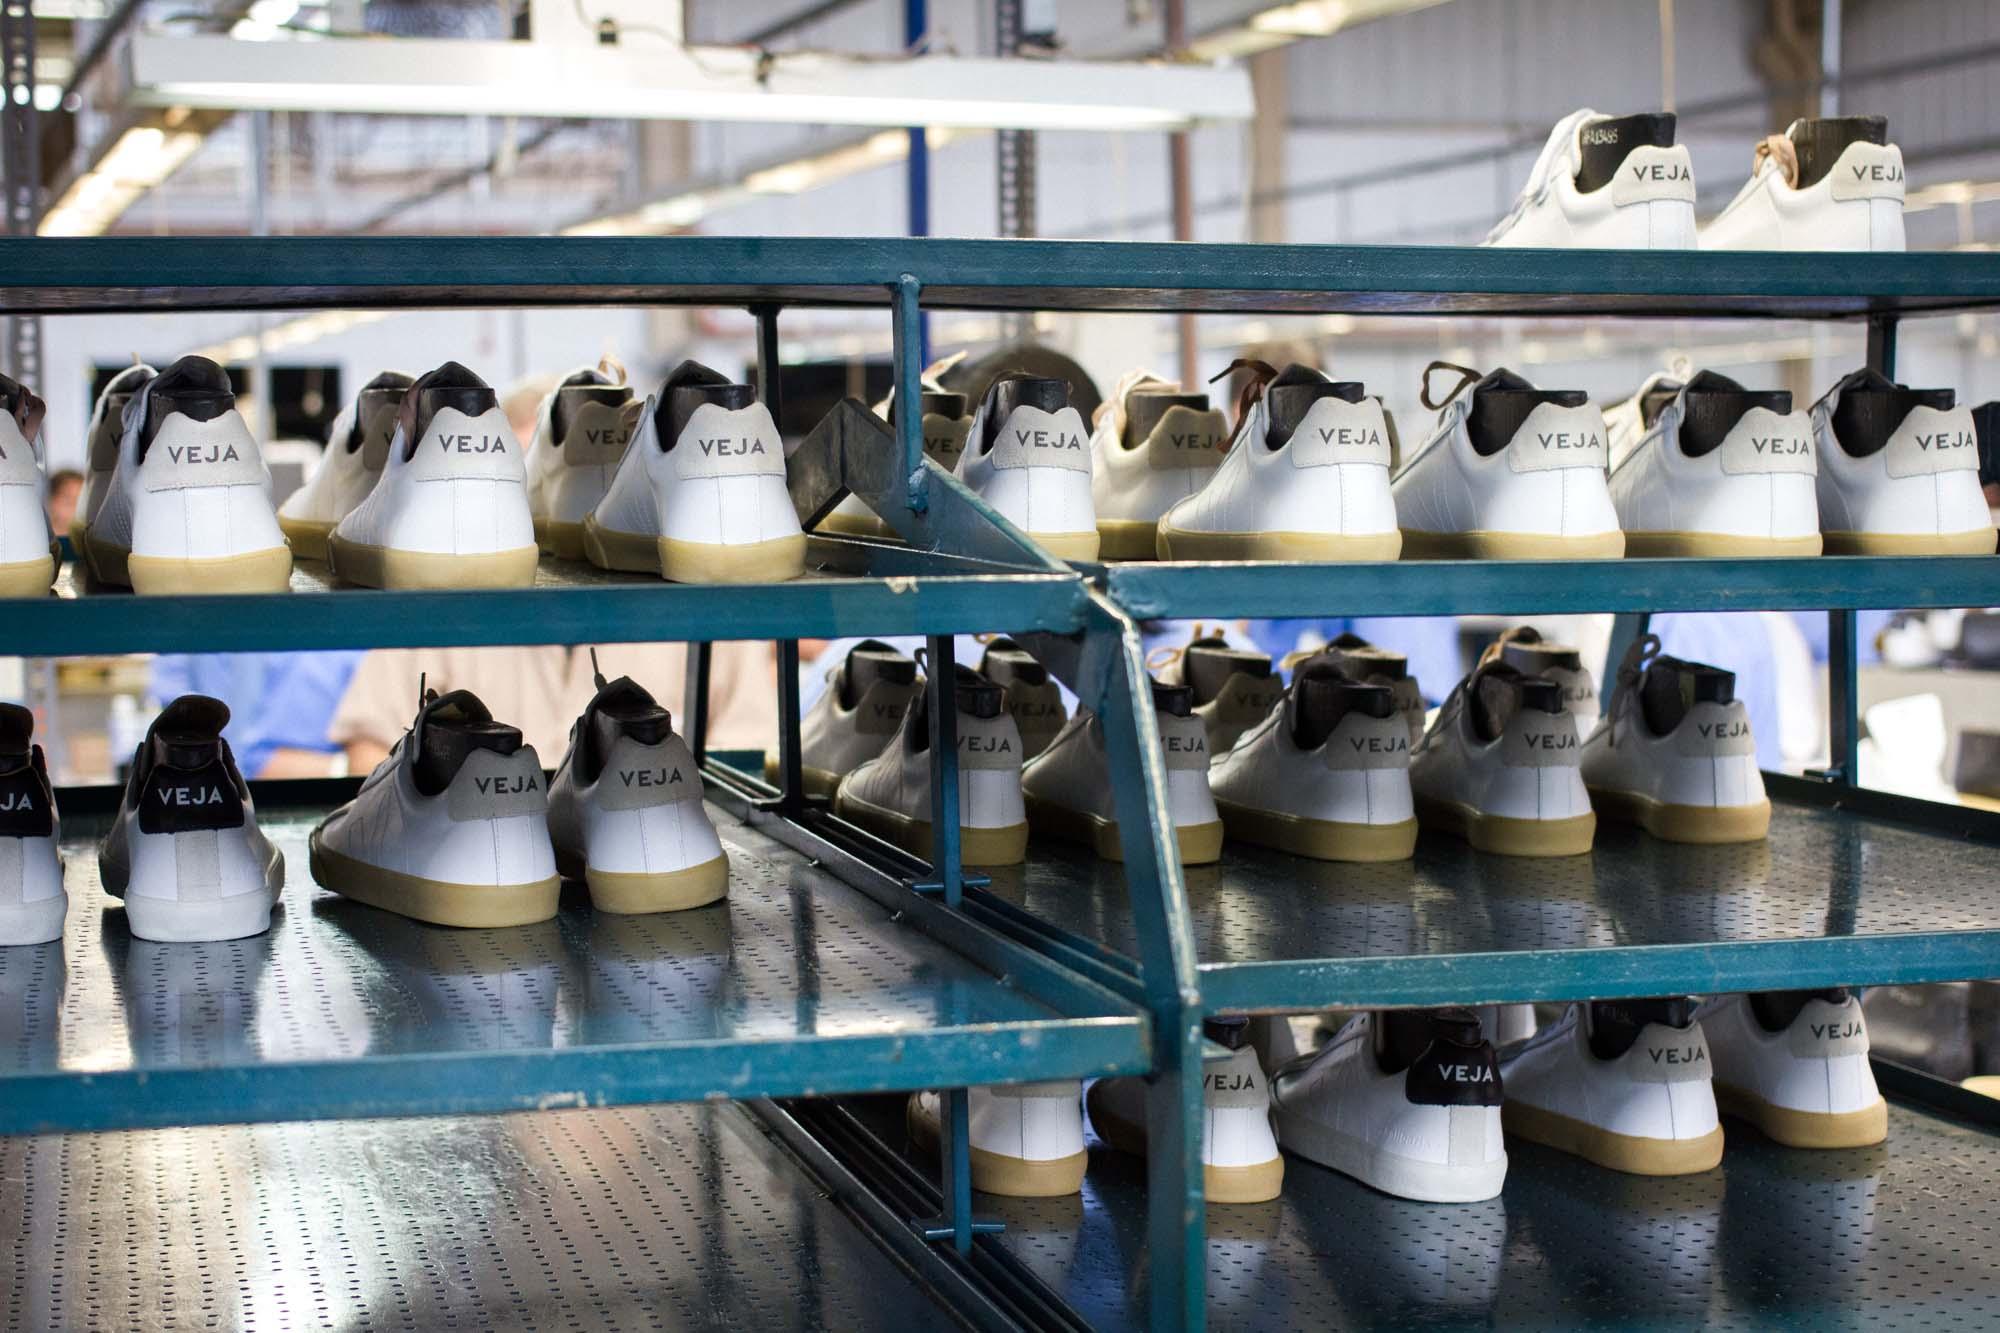 veja-brasil-fabrik-20